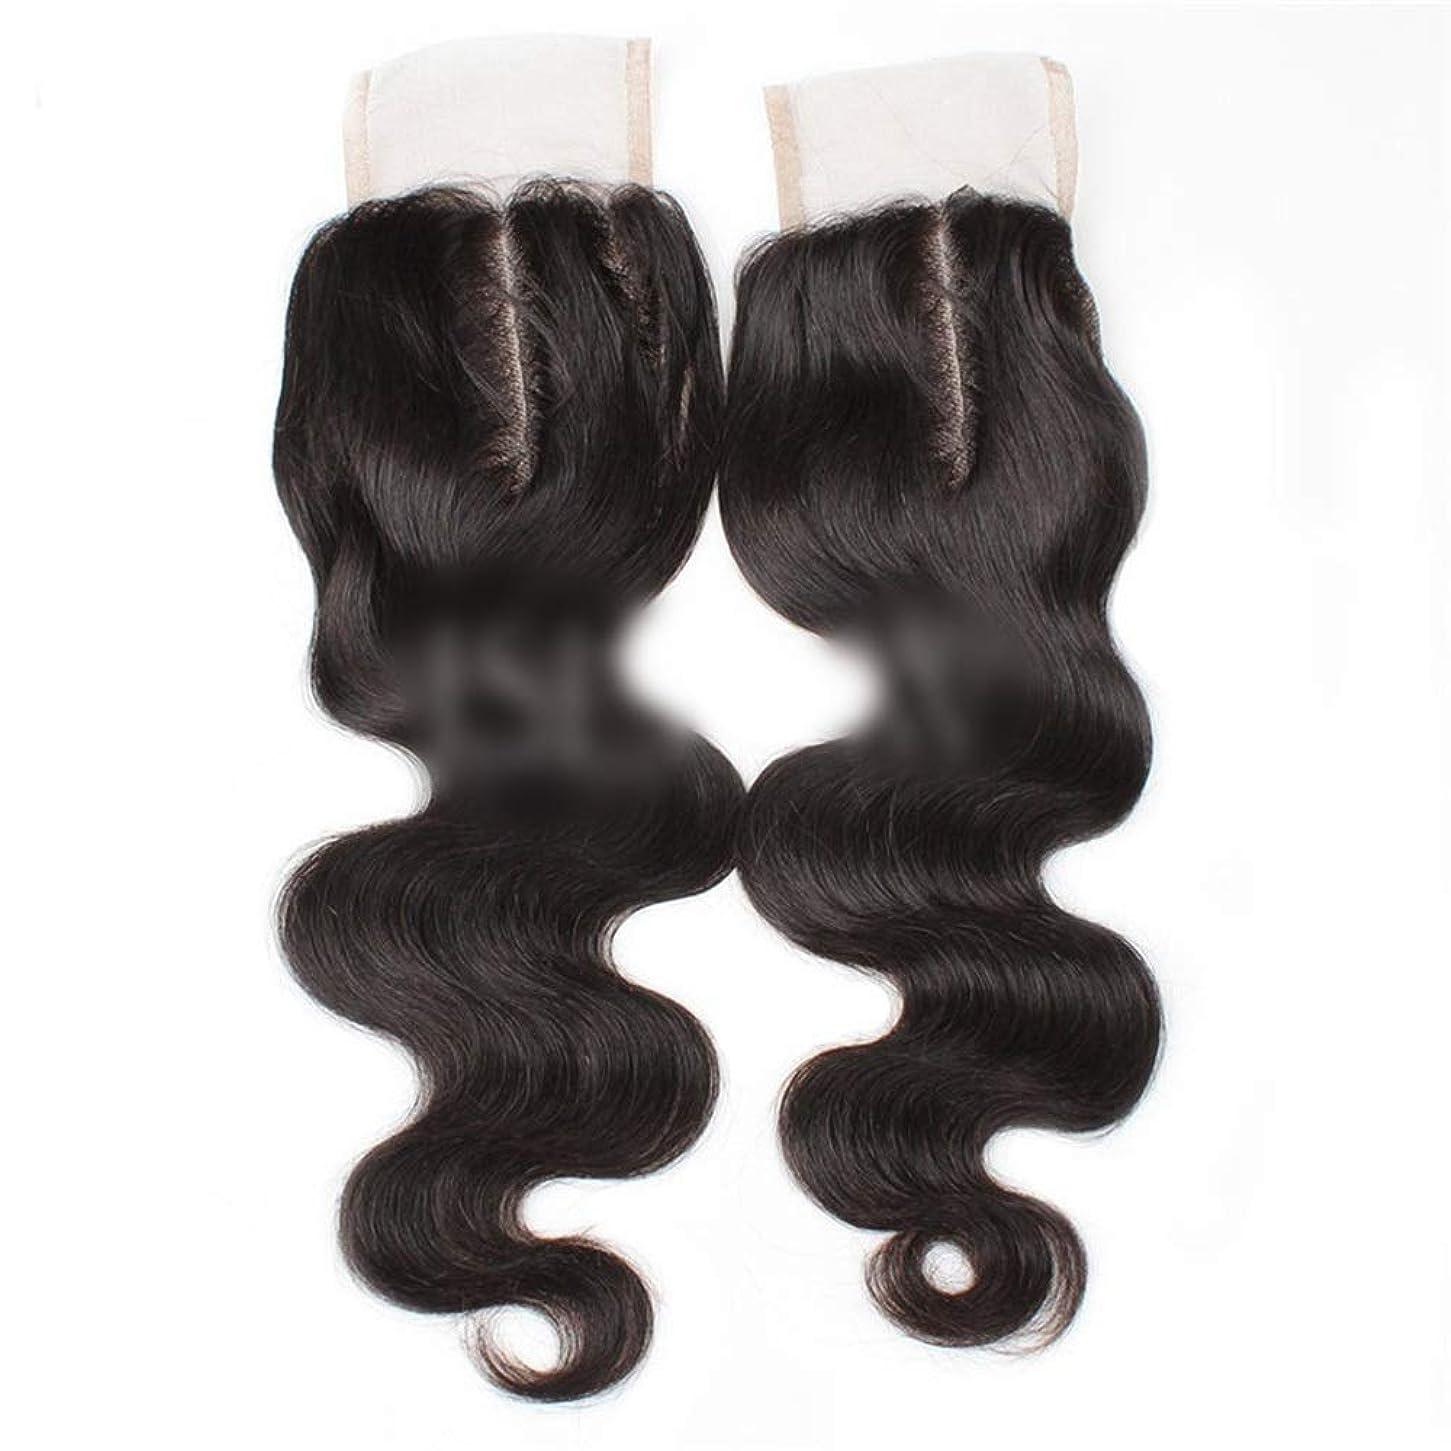 大工伝統的シャーロットブロンテBOBIDYEE 9aブラジル髪実体波中間部4×4レース閉鎖人間の髪の毛ナチュラルブラック8